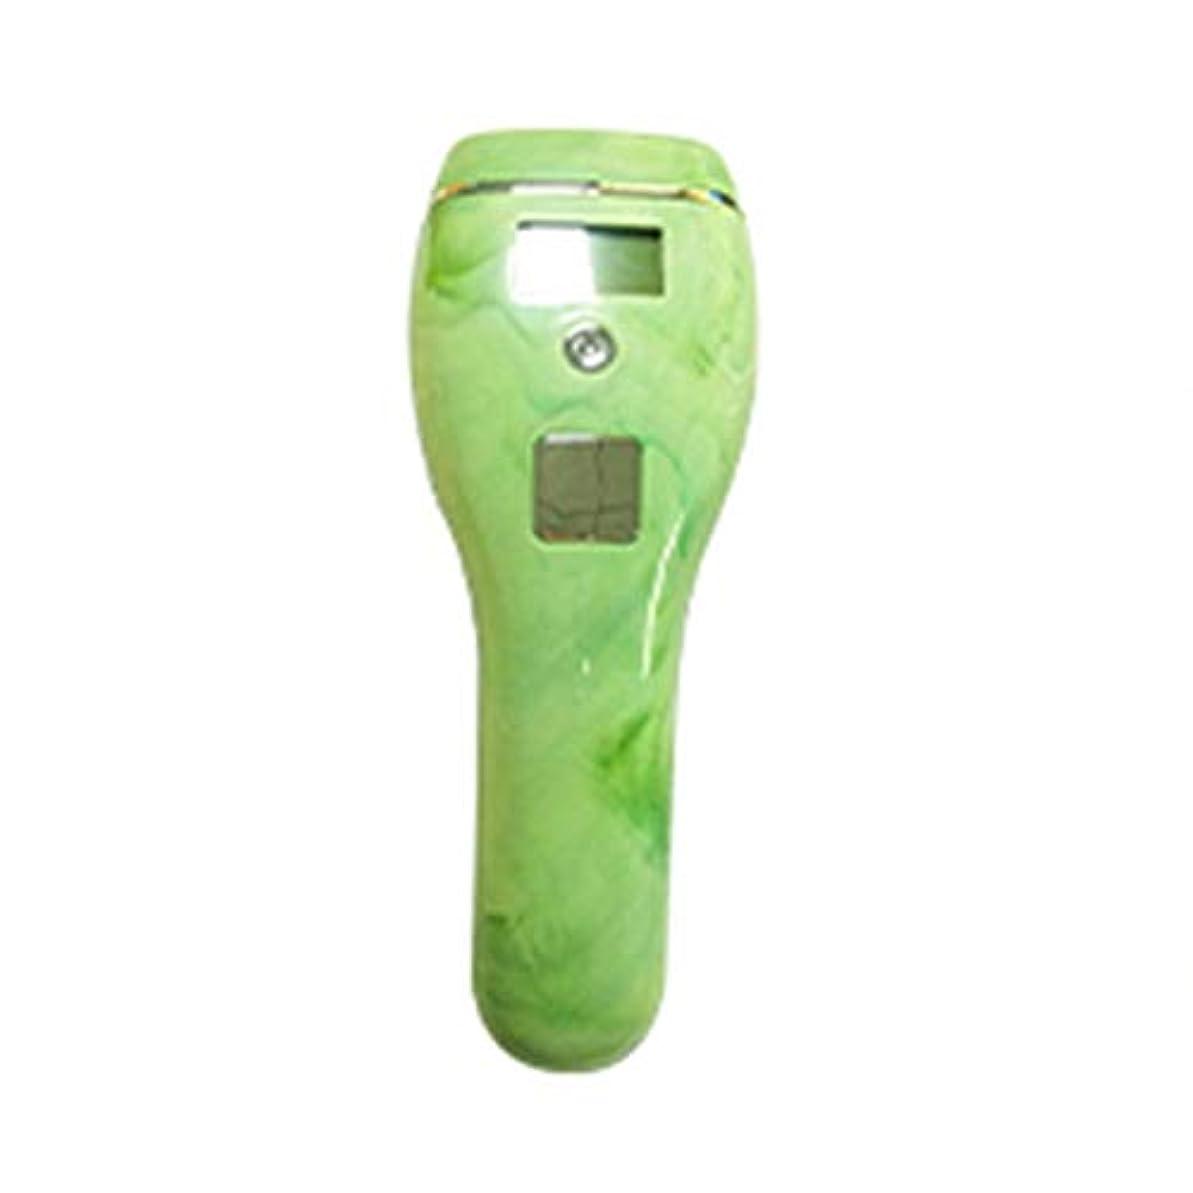 クラッチ専ら水っぽい自動肌のカラーセンシング、グリーン、5速調整、クォーツチューブ、携帯用痛みのない全身凍結乾燥用除湿器、サイズ19x7x5cm 効果が良い (Color : Green)